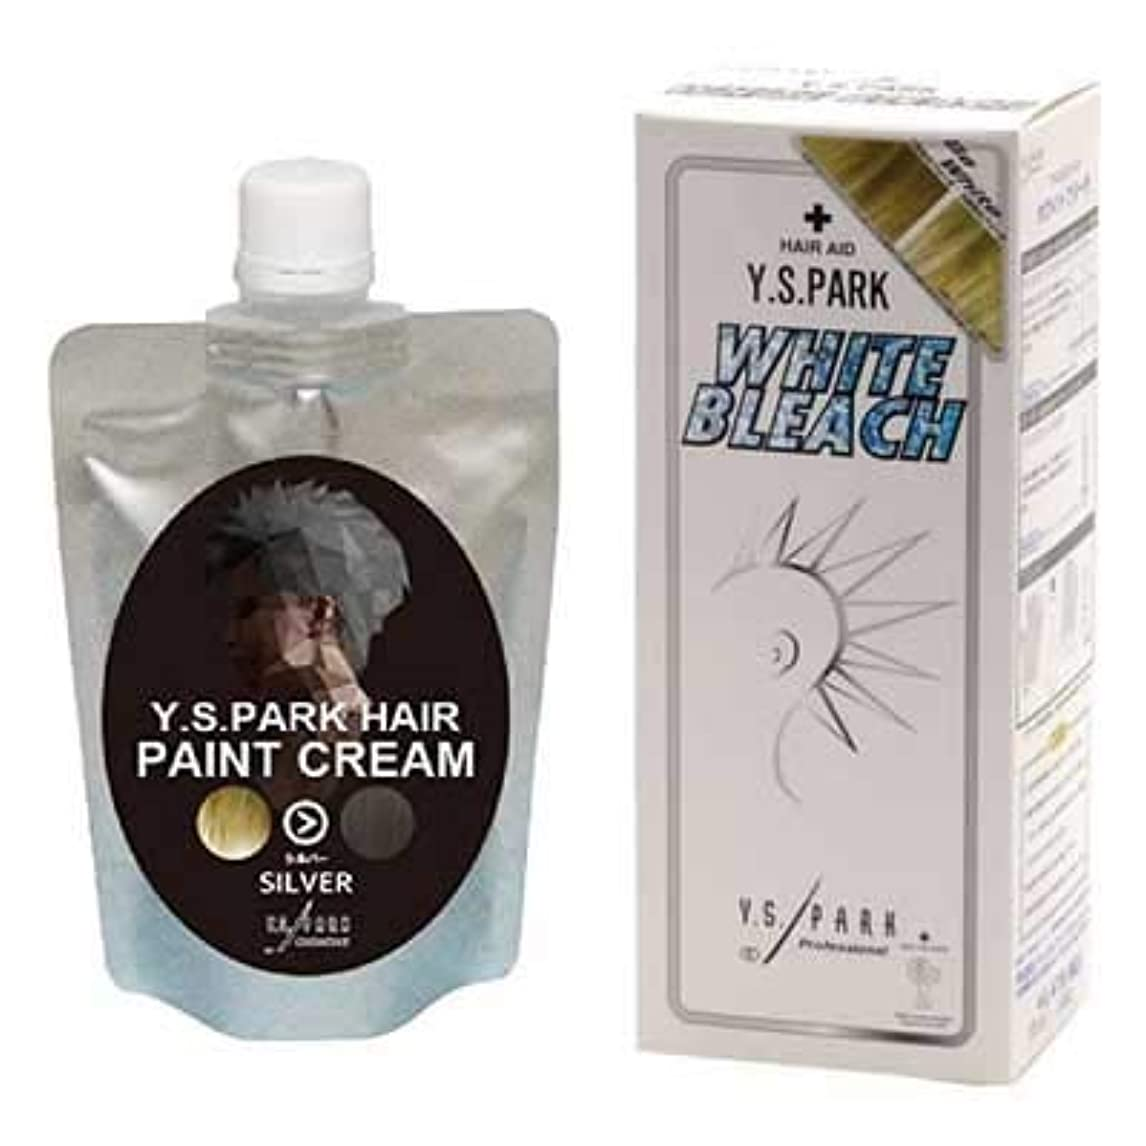 オーロックサンダル見る人Y.S.PARKヘアペイントクリーム シルバー 200g & Y.S.PARKホワイトブリーチセット